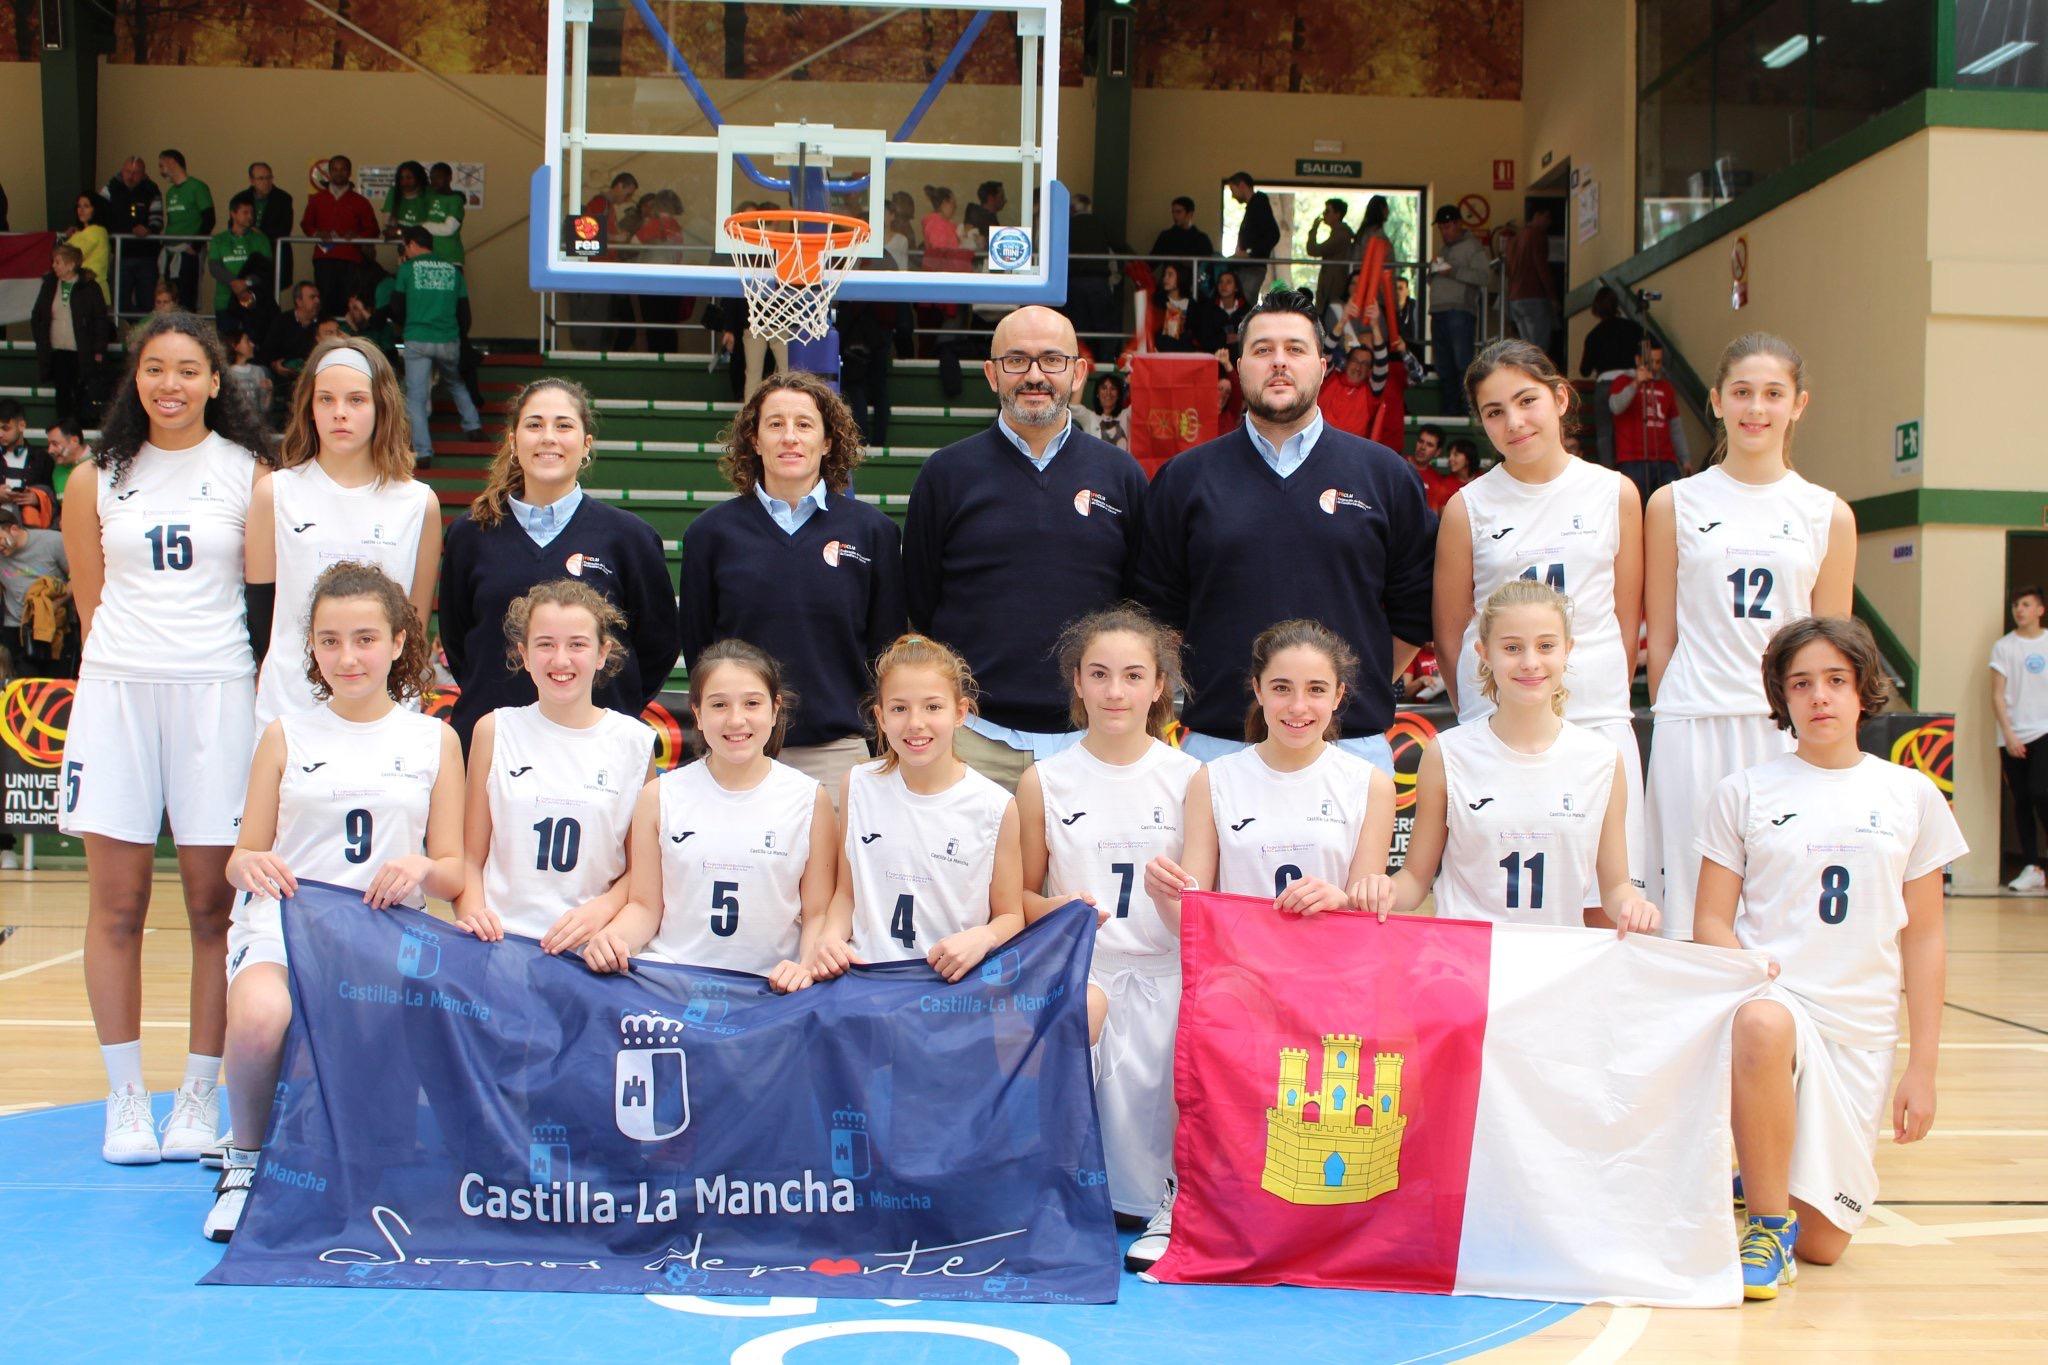 Irene junto al equipo alevín femenino del CLM